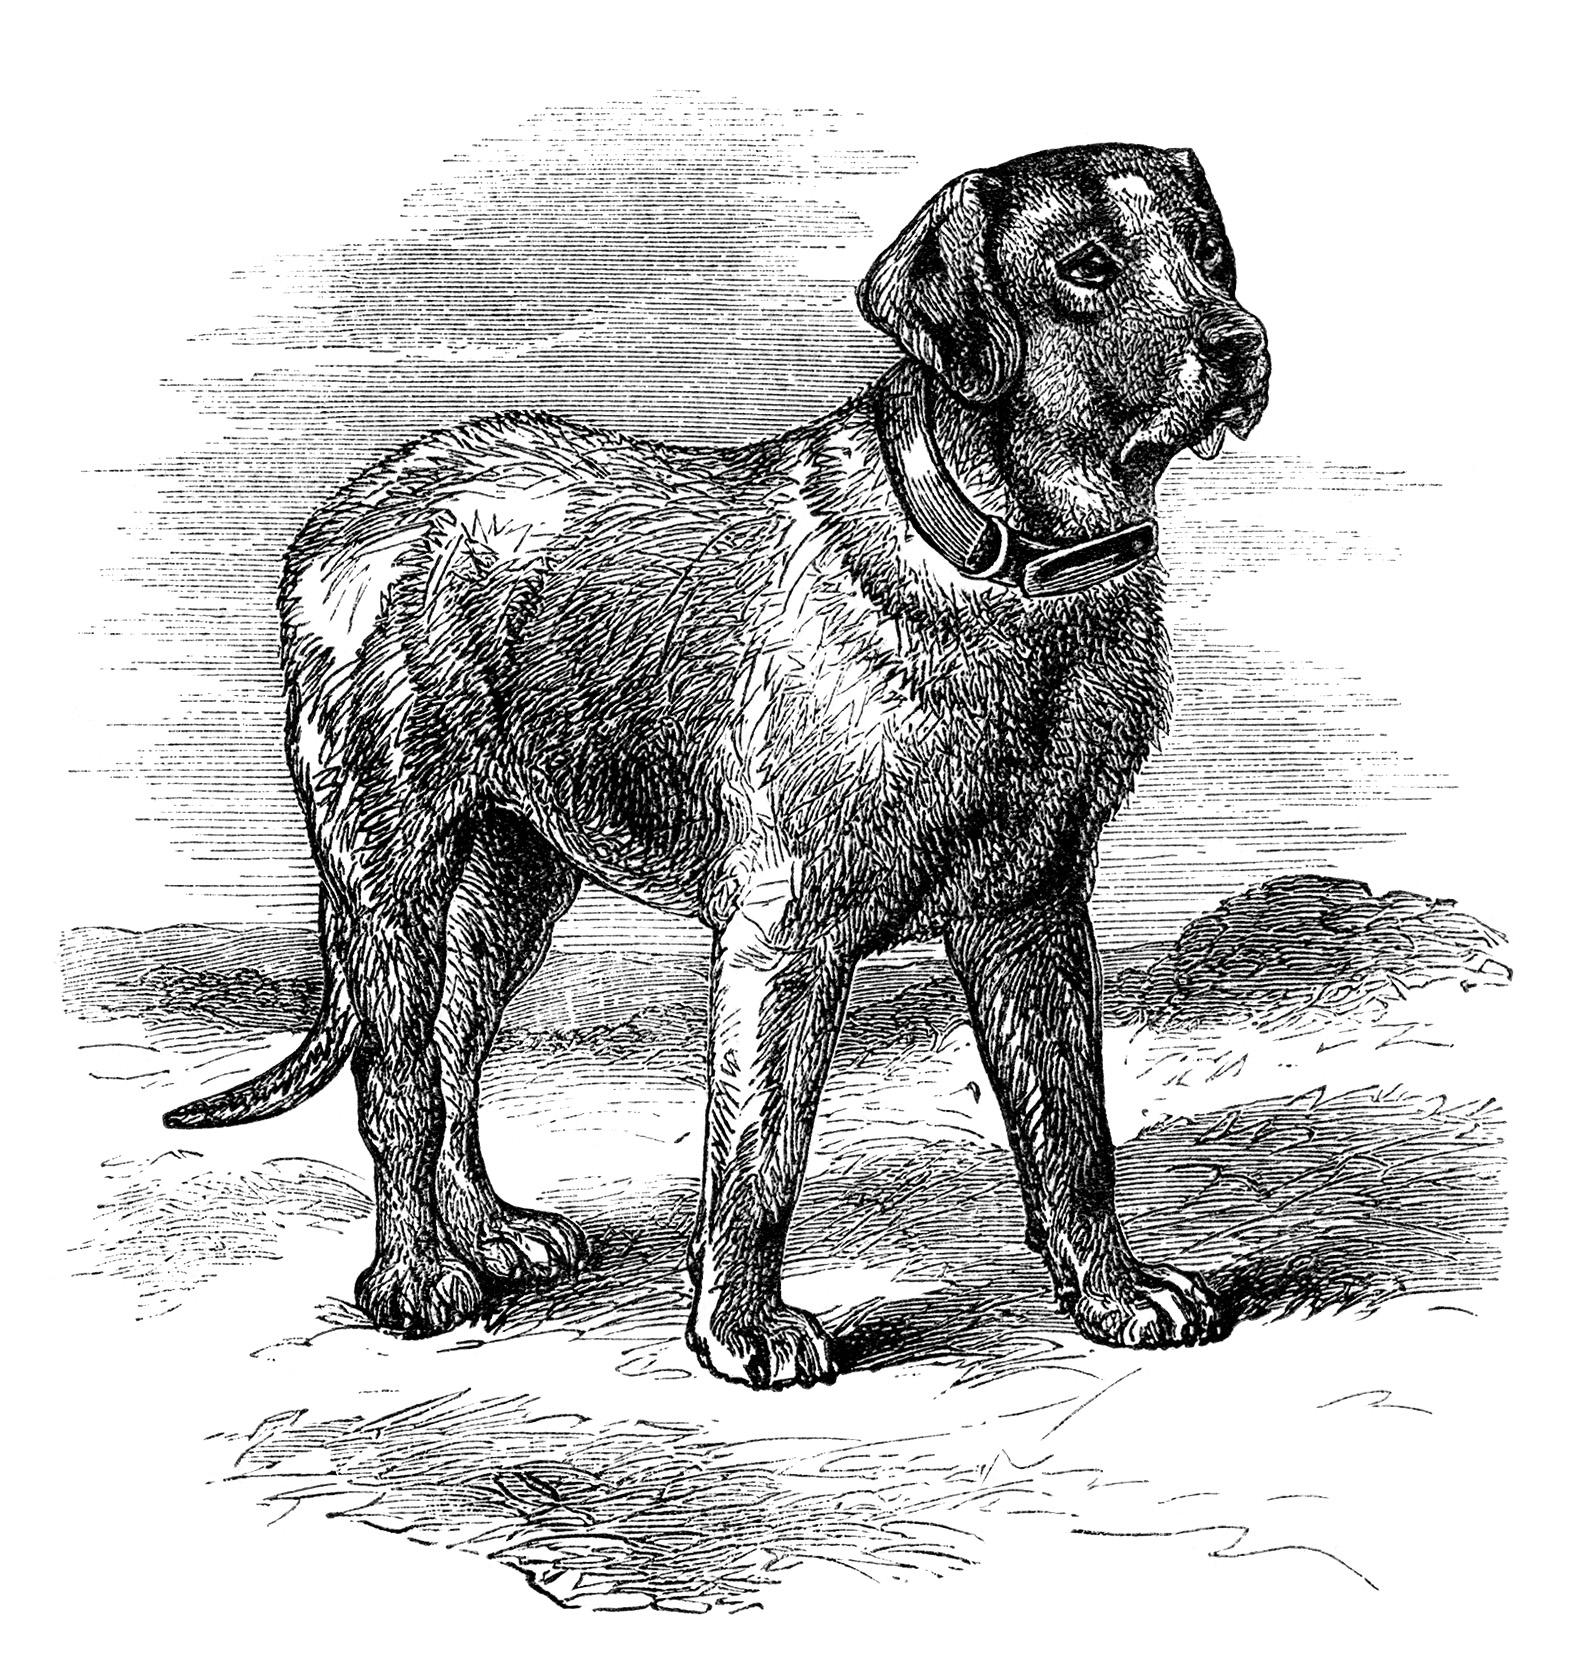 Винтажный черно-белый рисунок с изображением собаки